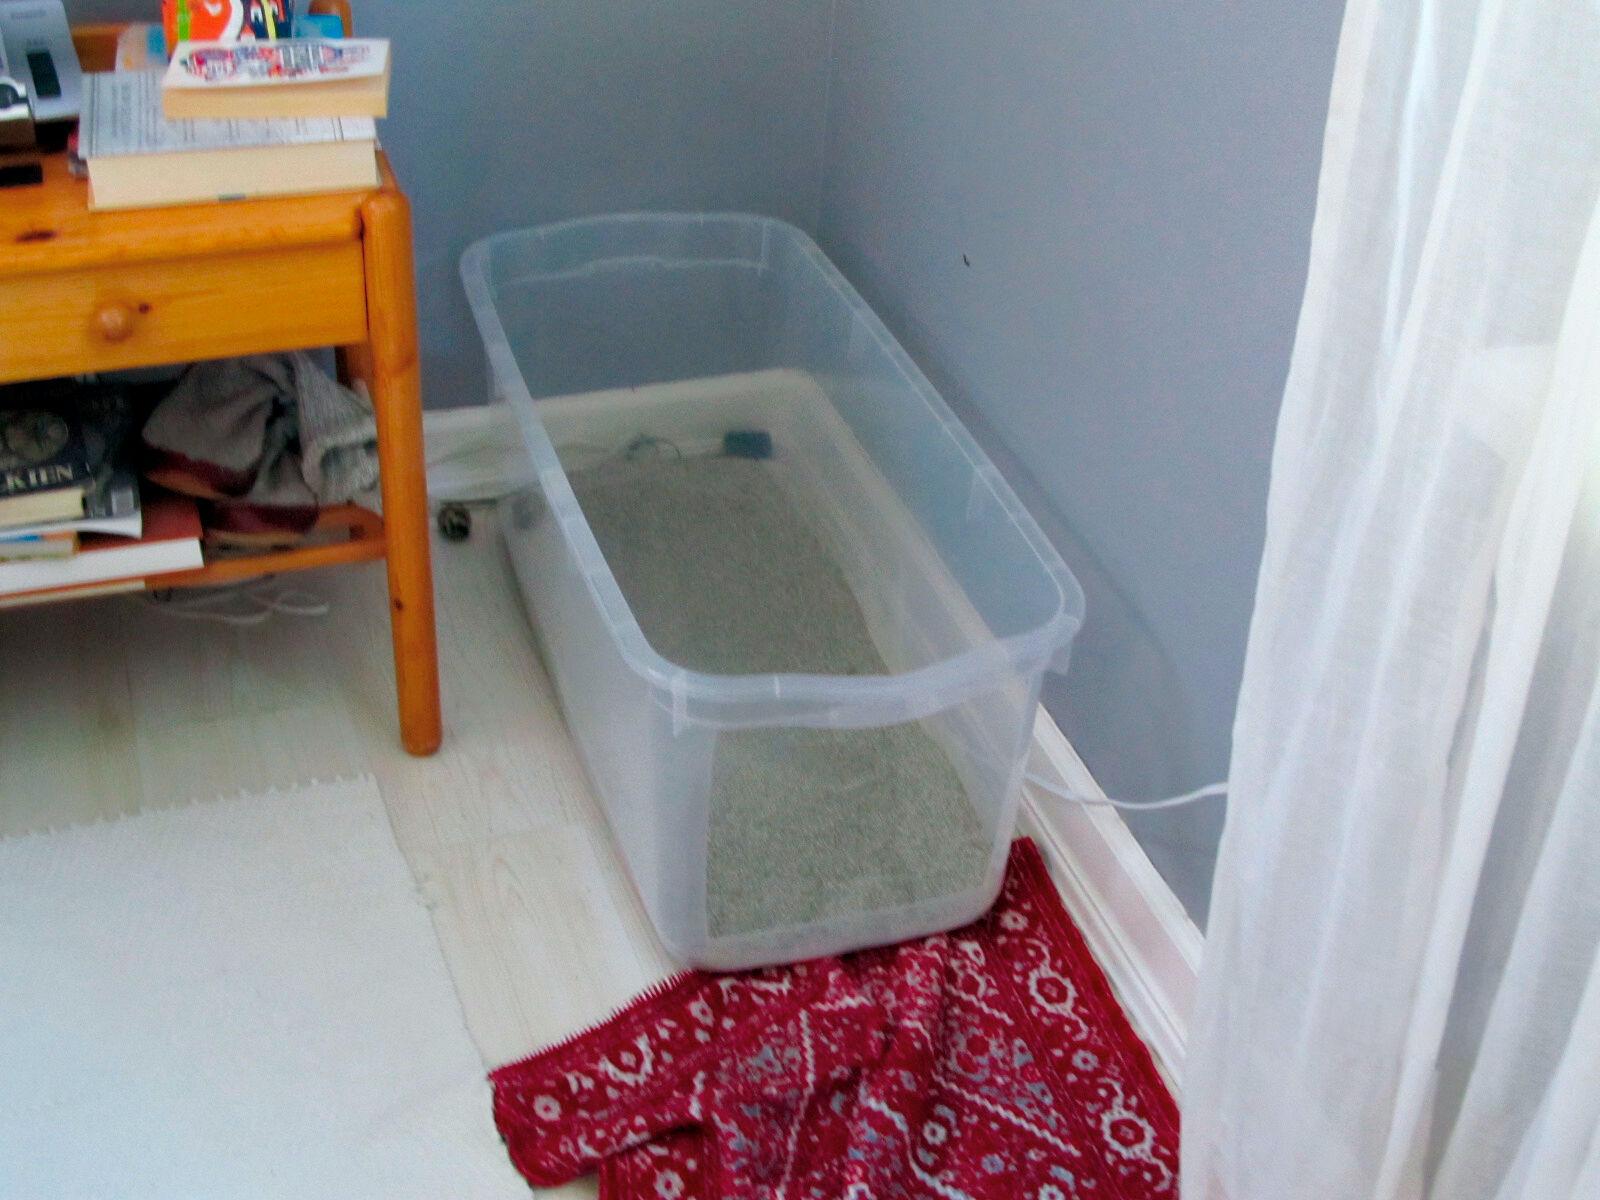 Figura 4. Los areneros deben estar distribuidos por toda la casa, ser grandes y mantenerse limpios. Los gatos pueden mostrar preferencias individuales por el tipo de sustrato y profundidad del mismo, pero generalmente, la mayoría acepta fácilmente el sustrato parecido a la arena o la arcilla fina.